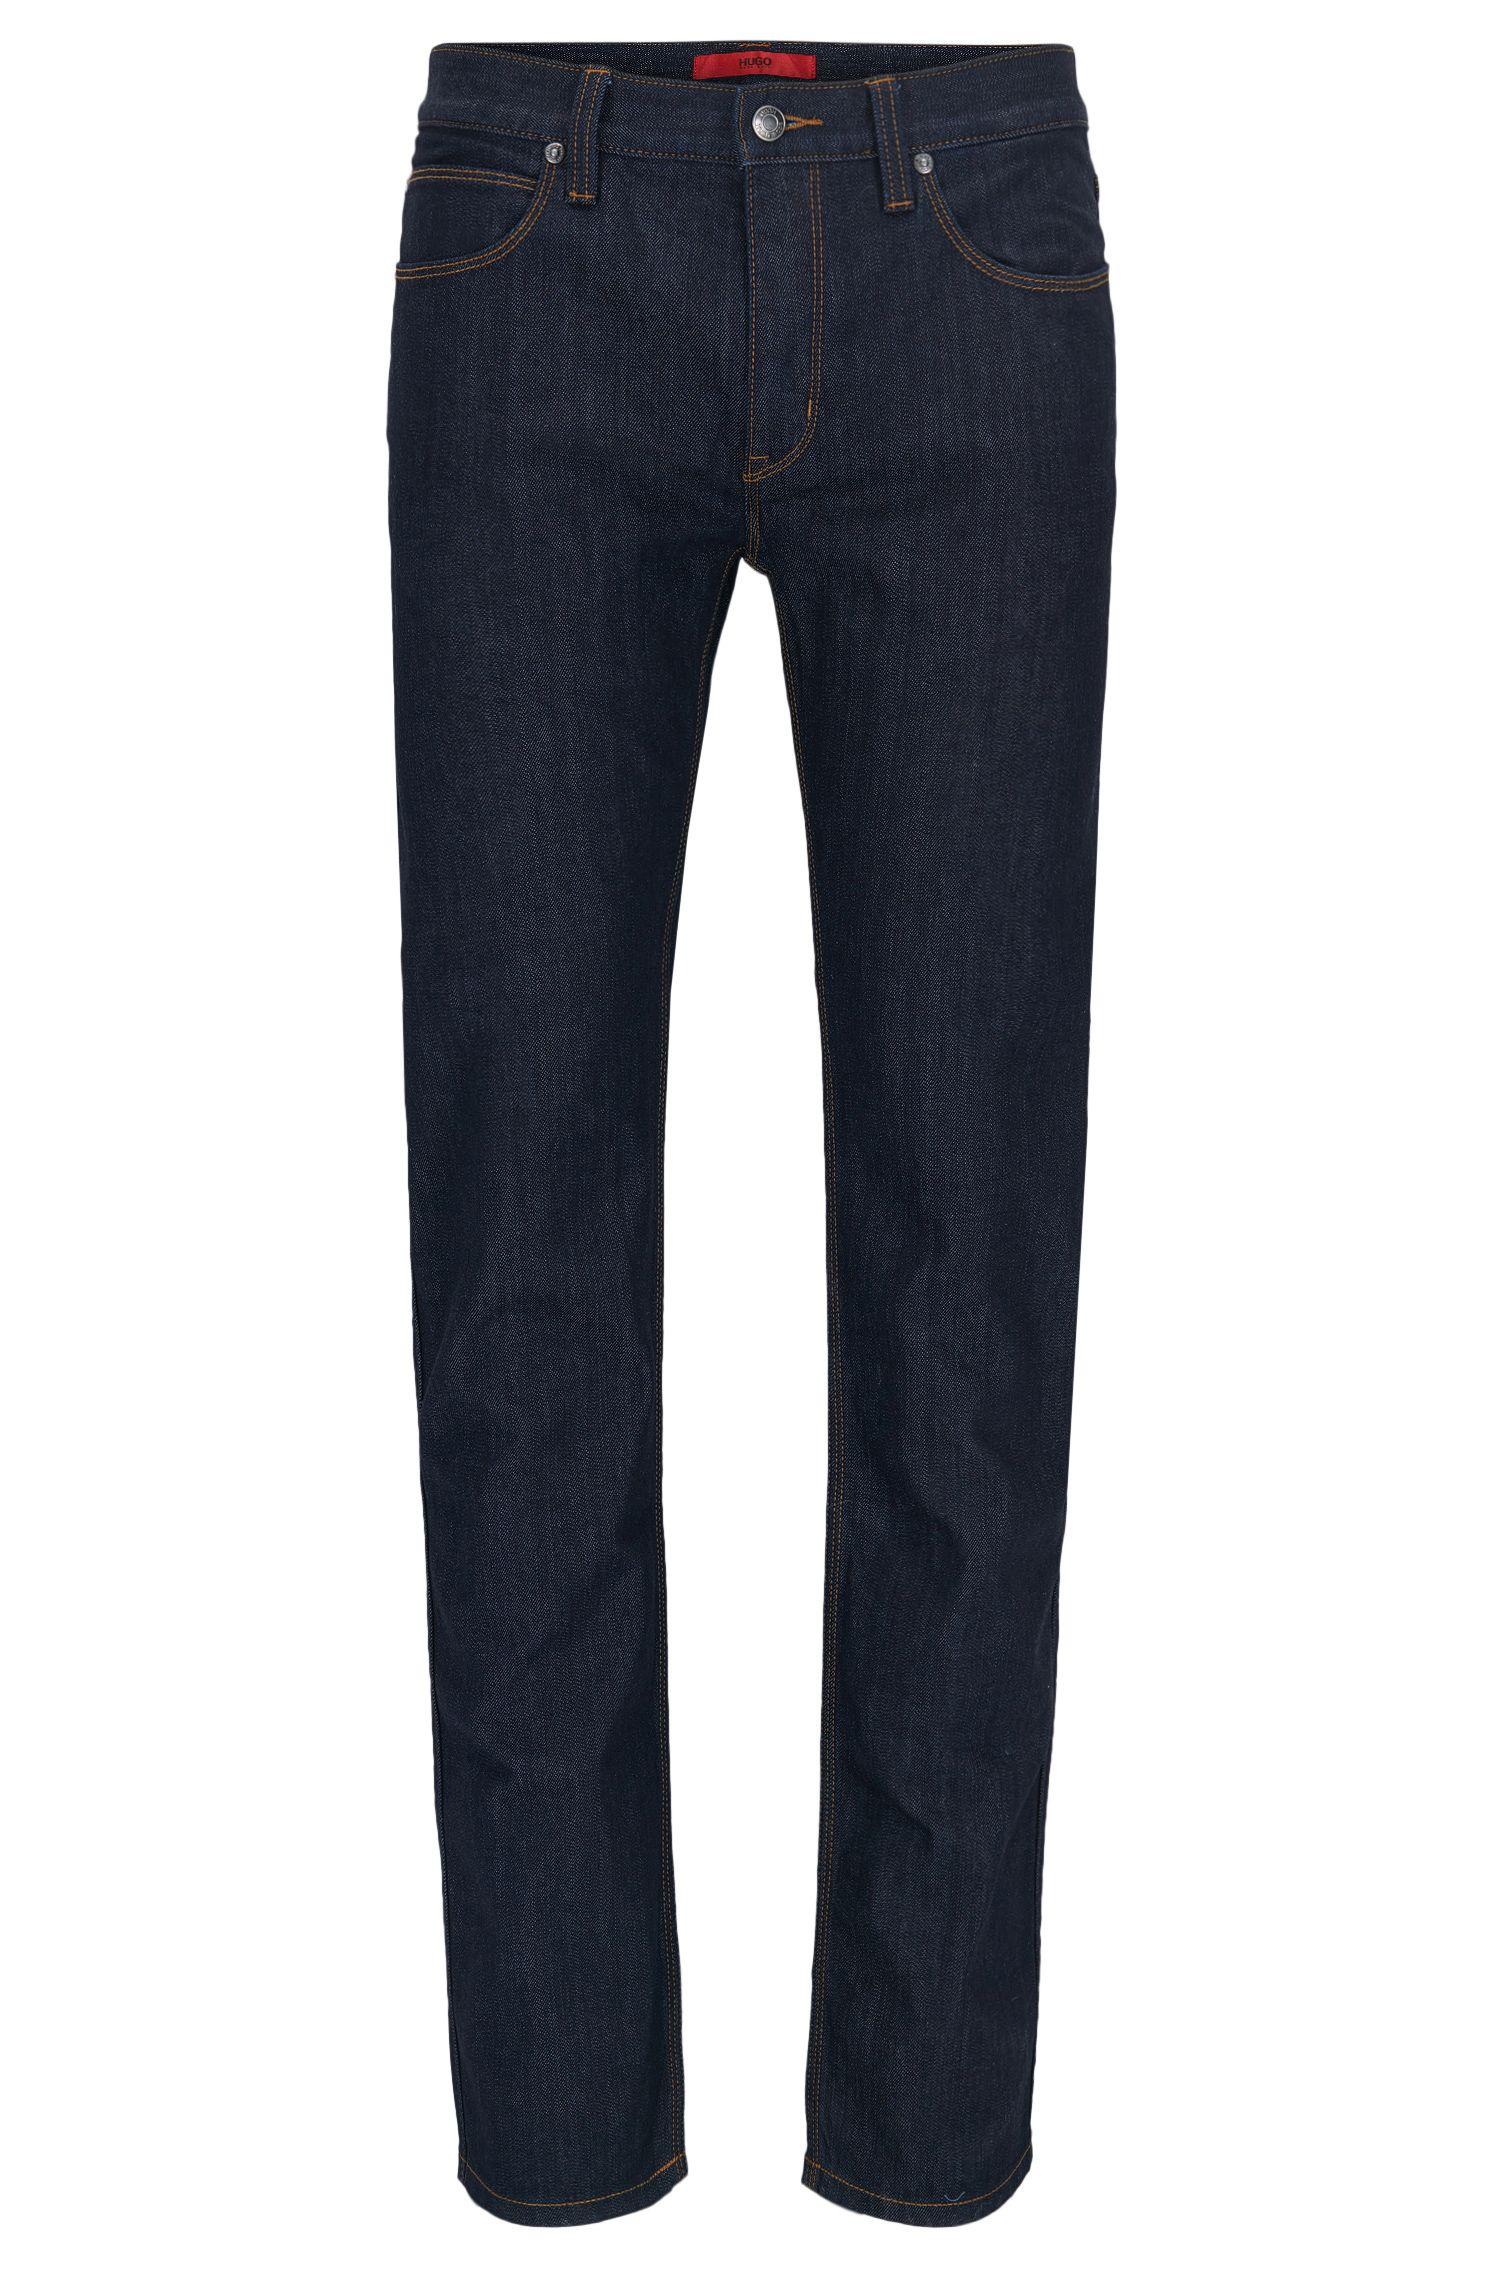 Slim-fit jeans in Dyneema® denim